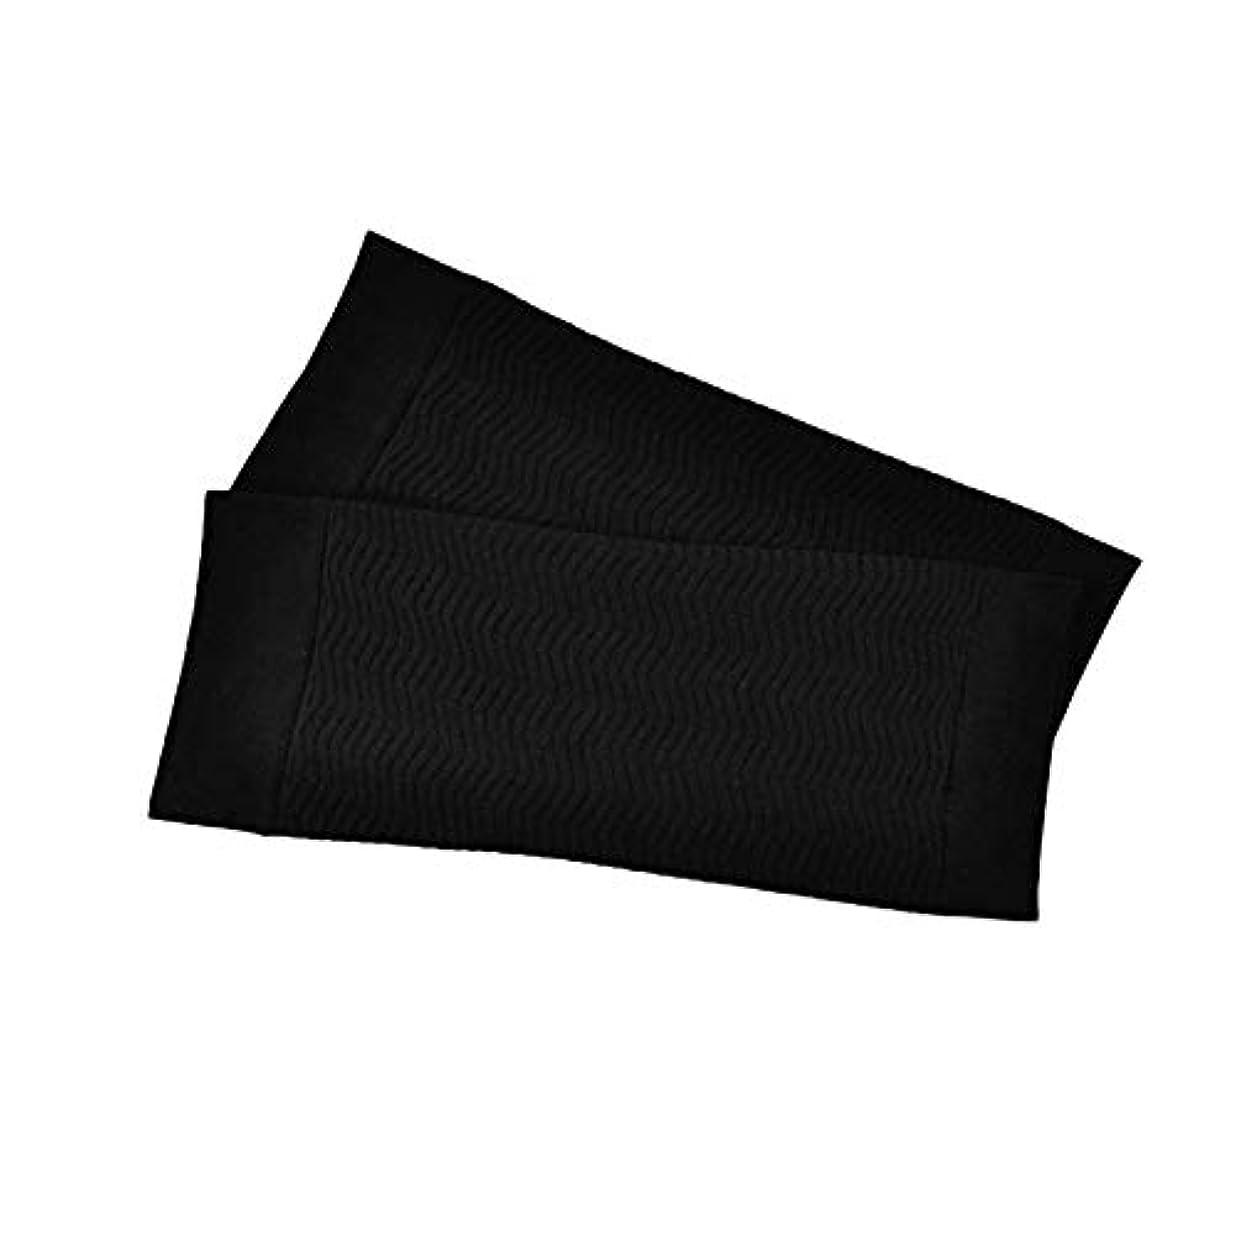 簿記係尋ねる同志1ペア680 d圧縮アームシェイパーワークアウトトーニングバーンセルライト痩身アームスリーブ脂肪燃焼半袖用女性(Color:black)